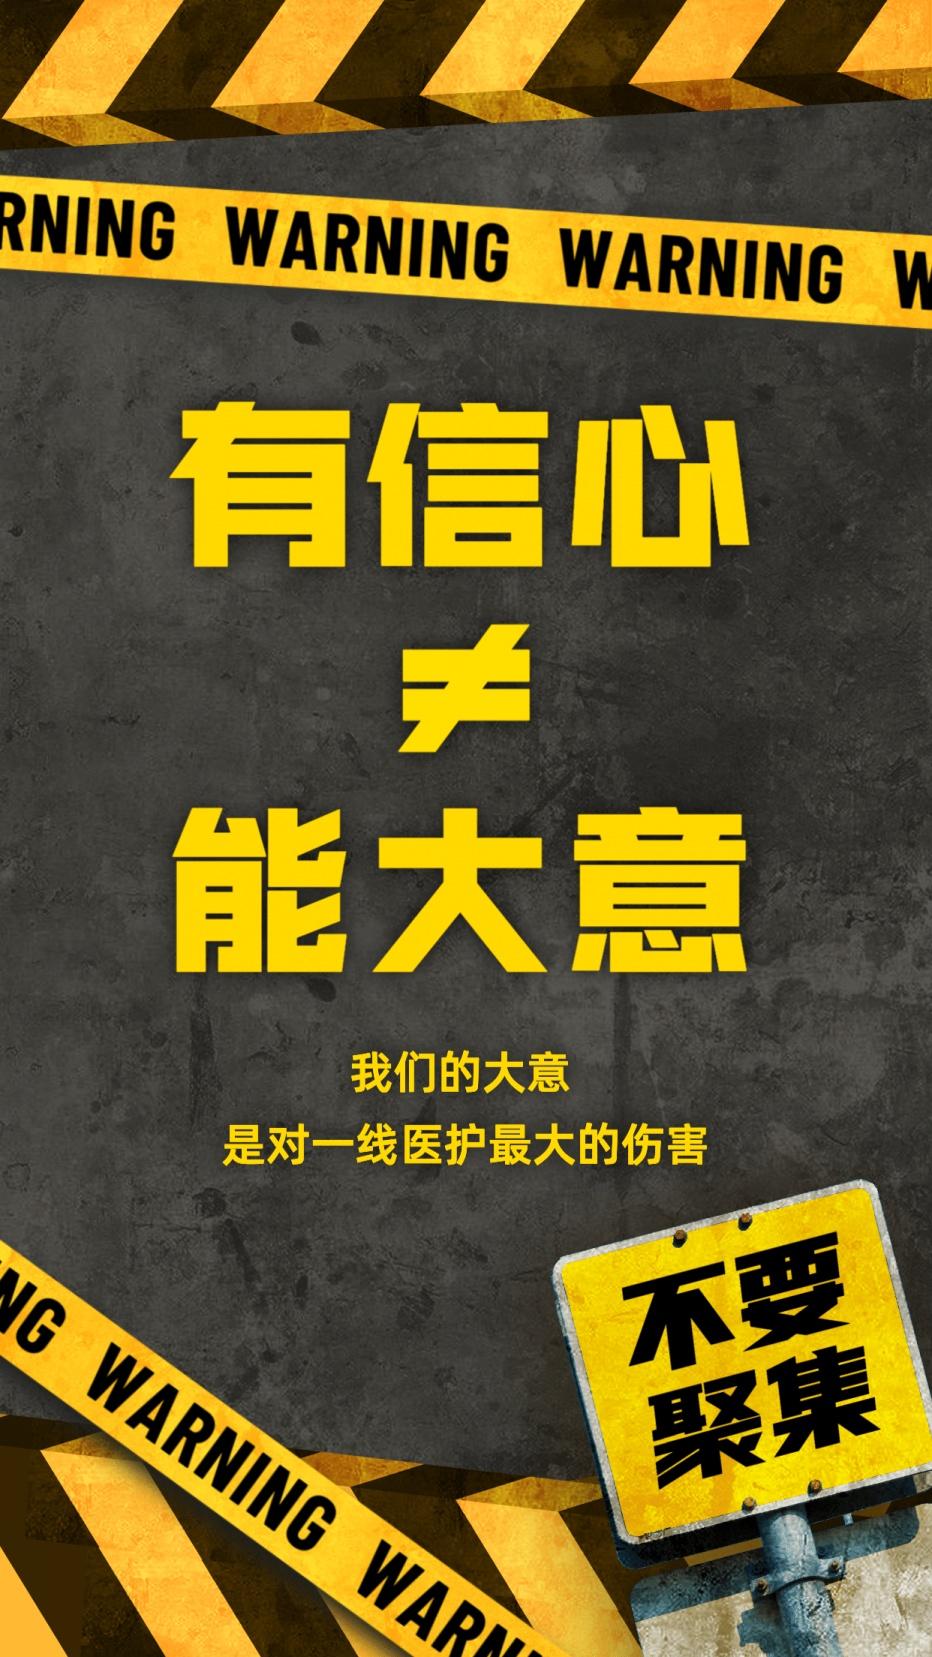 肺炎疫情防控宣传手机海报